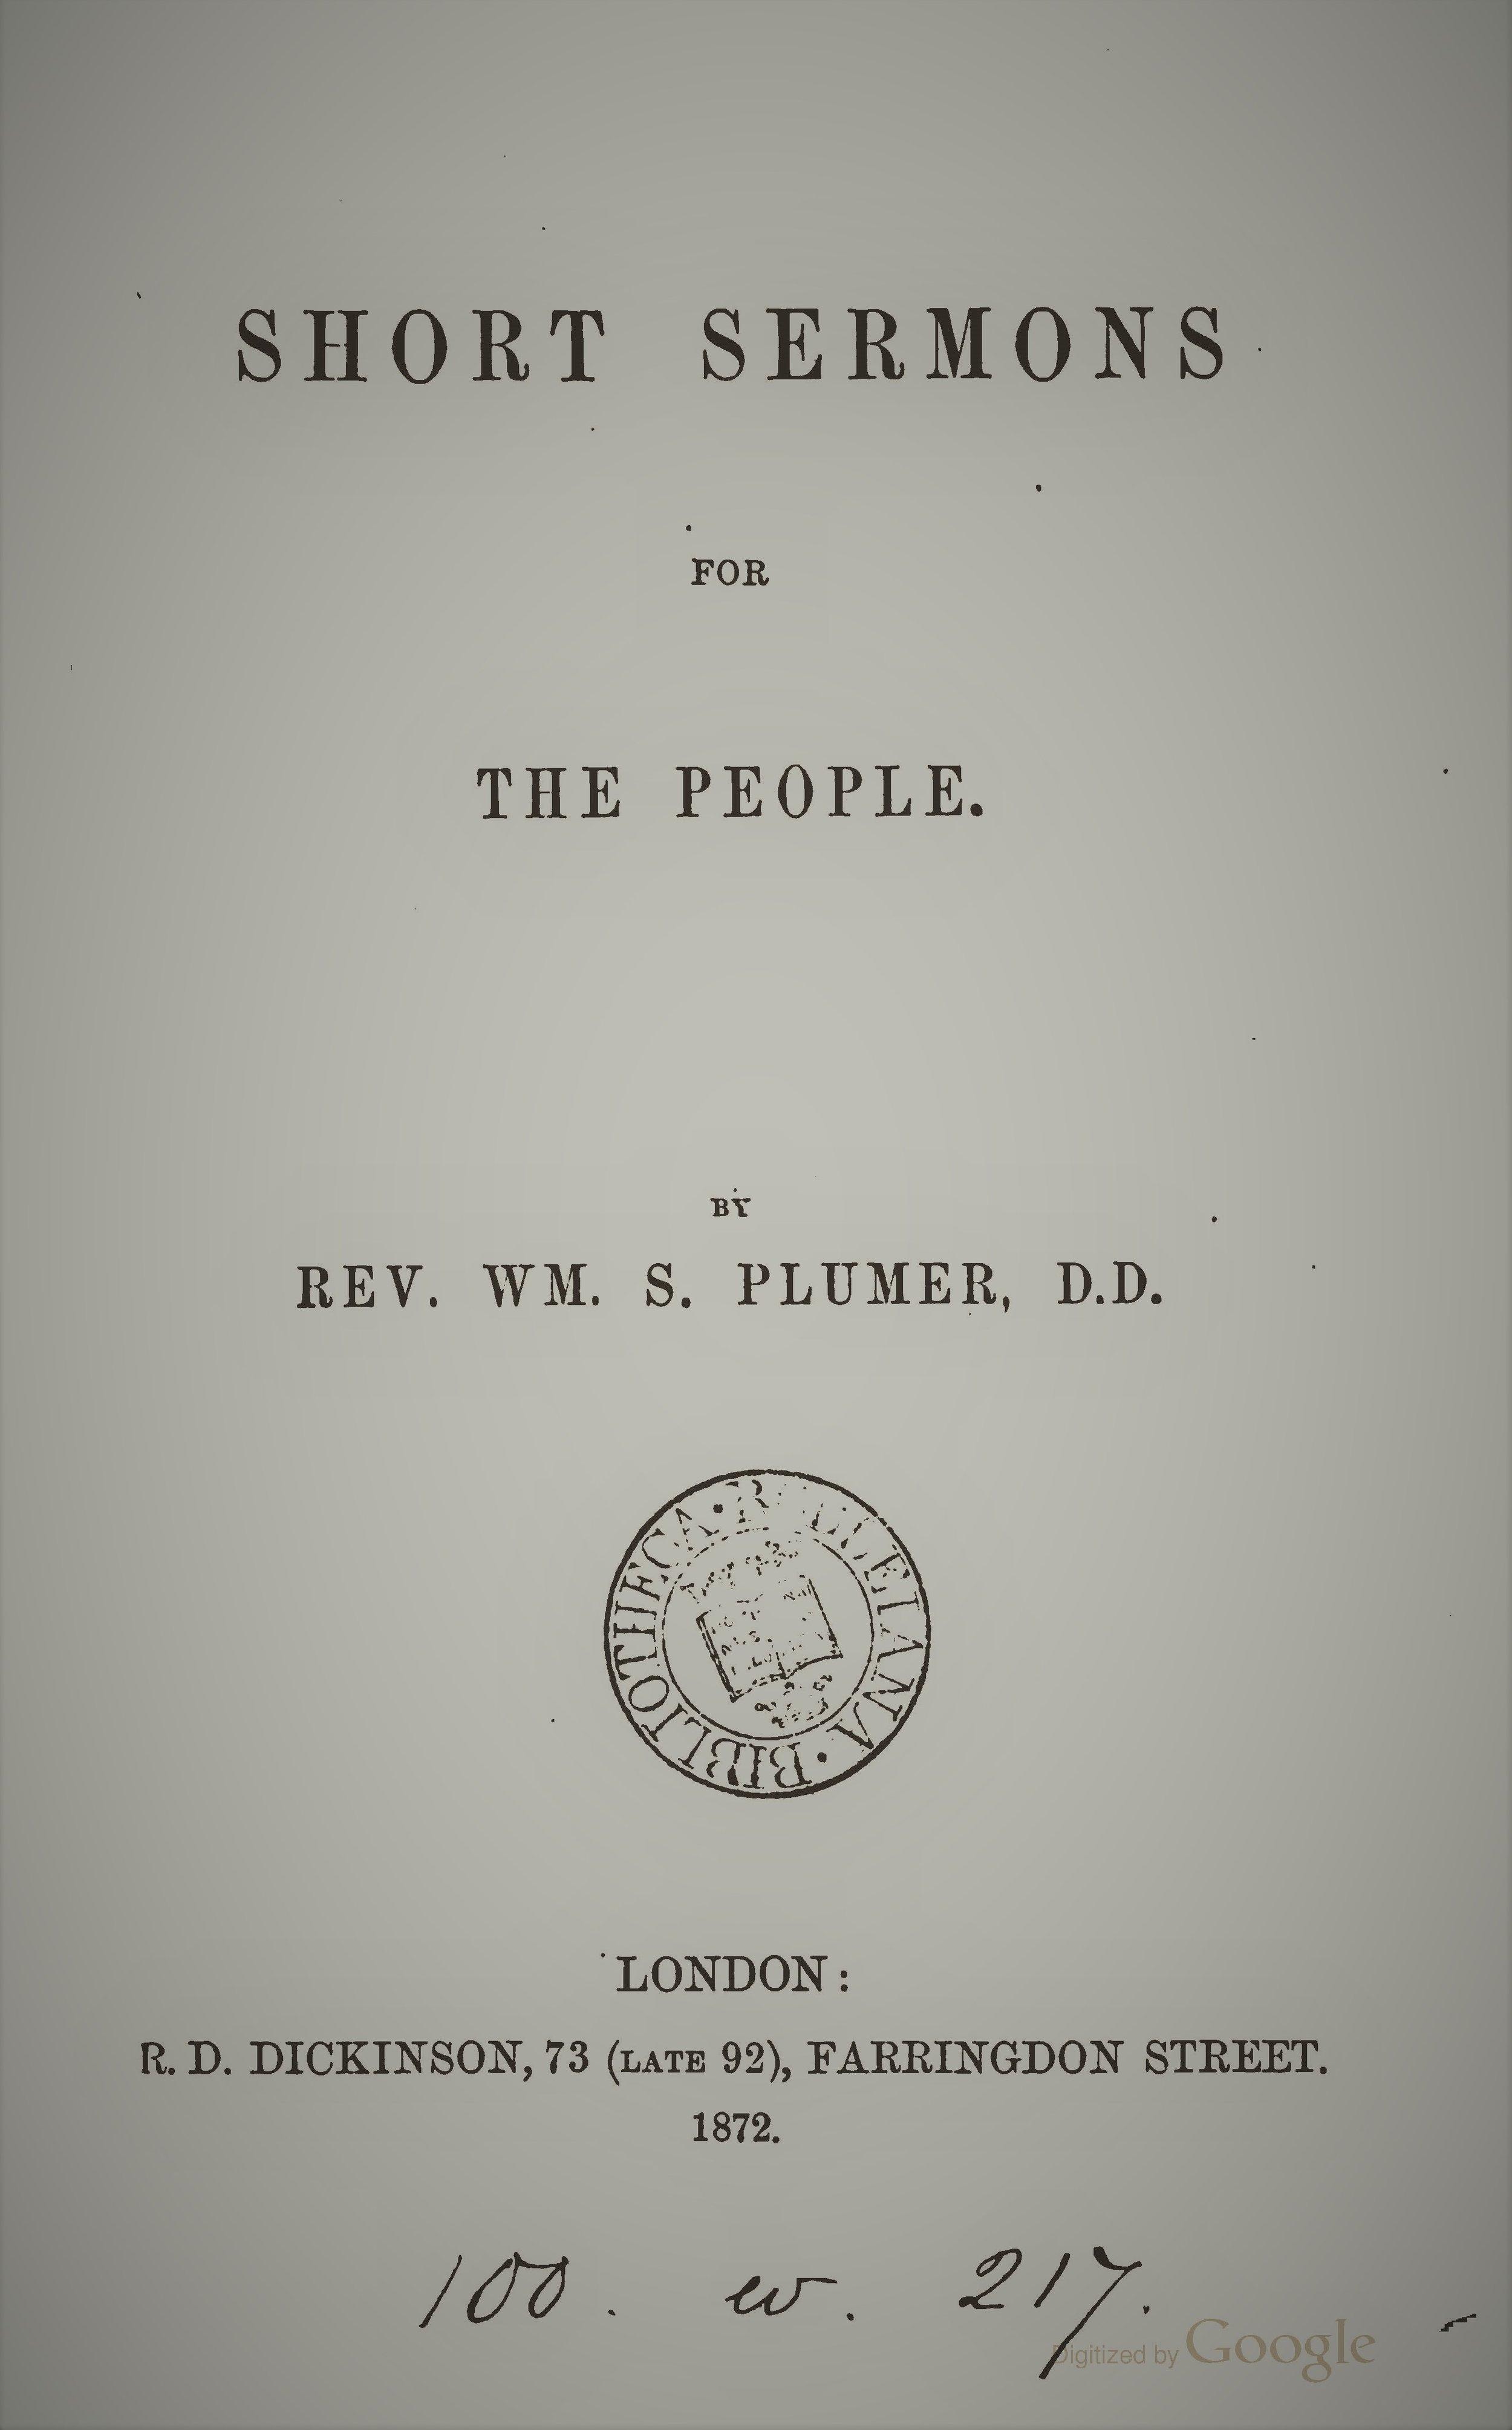 Plumer, Short Sermons for the People.jpg